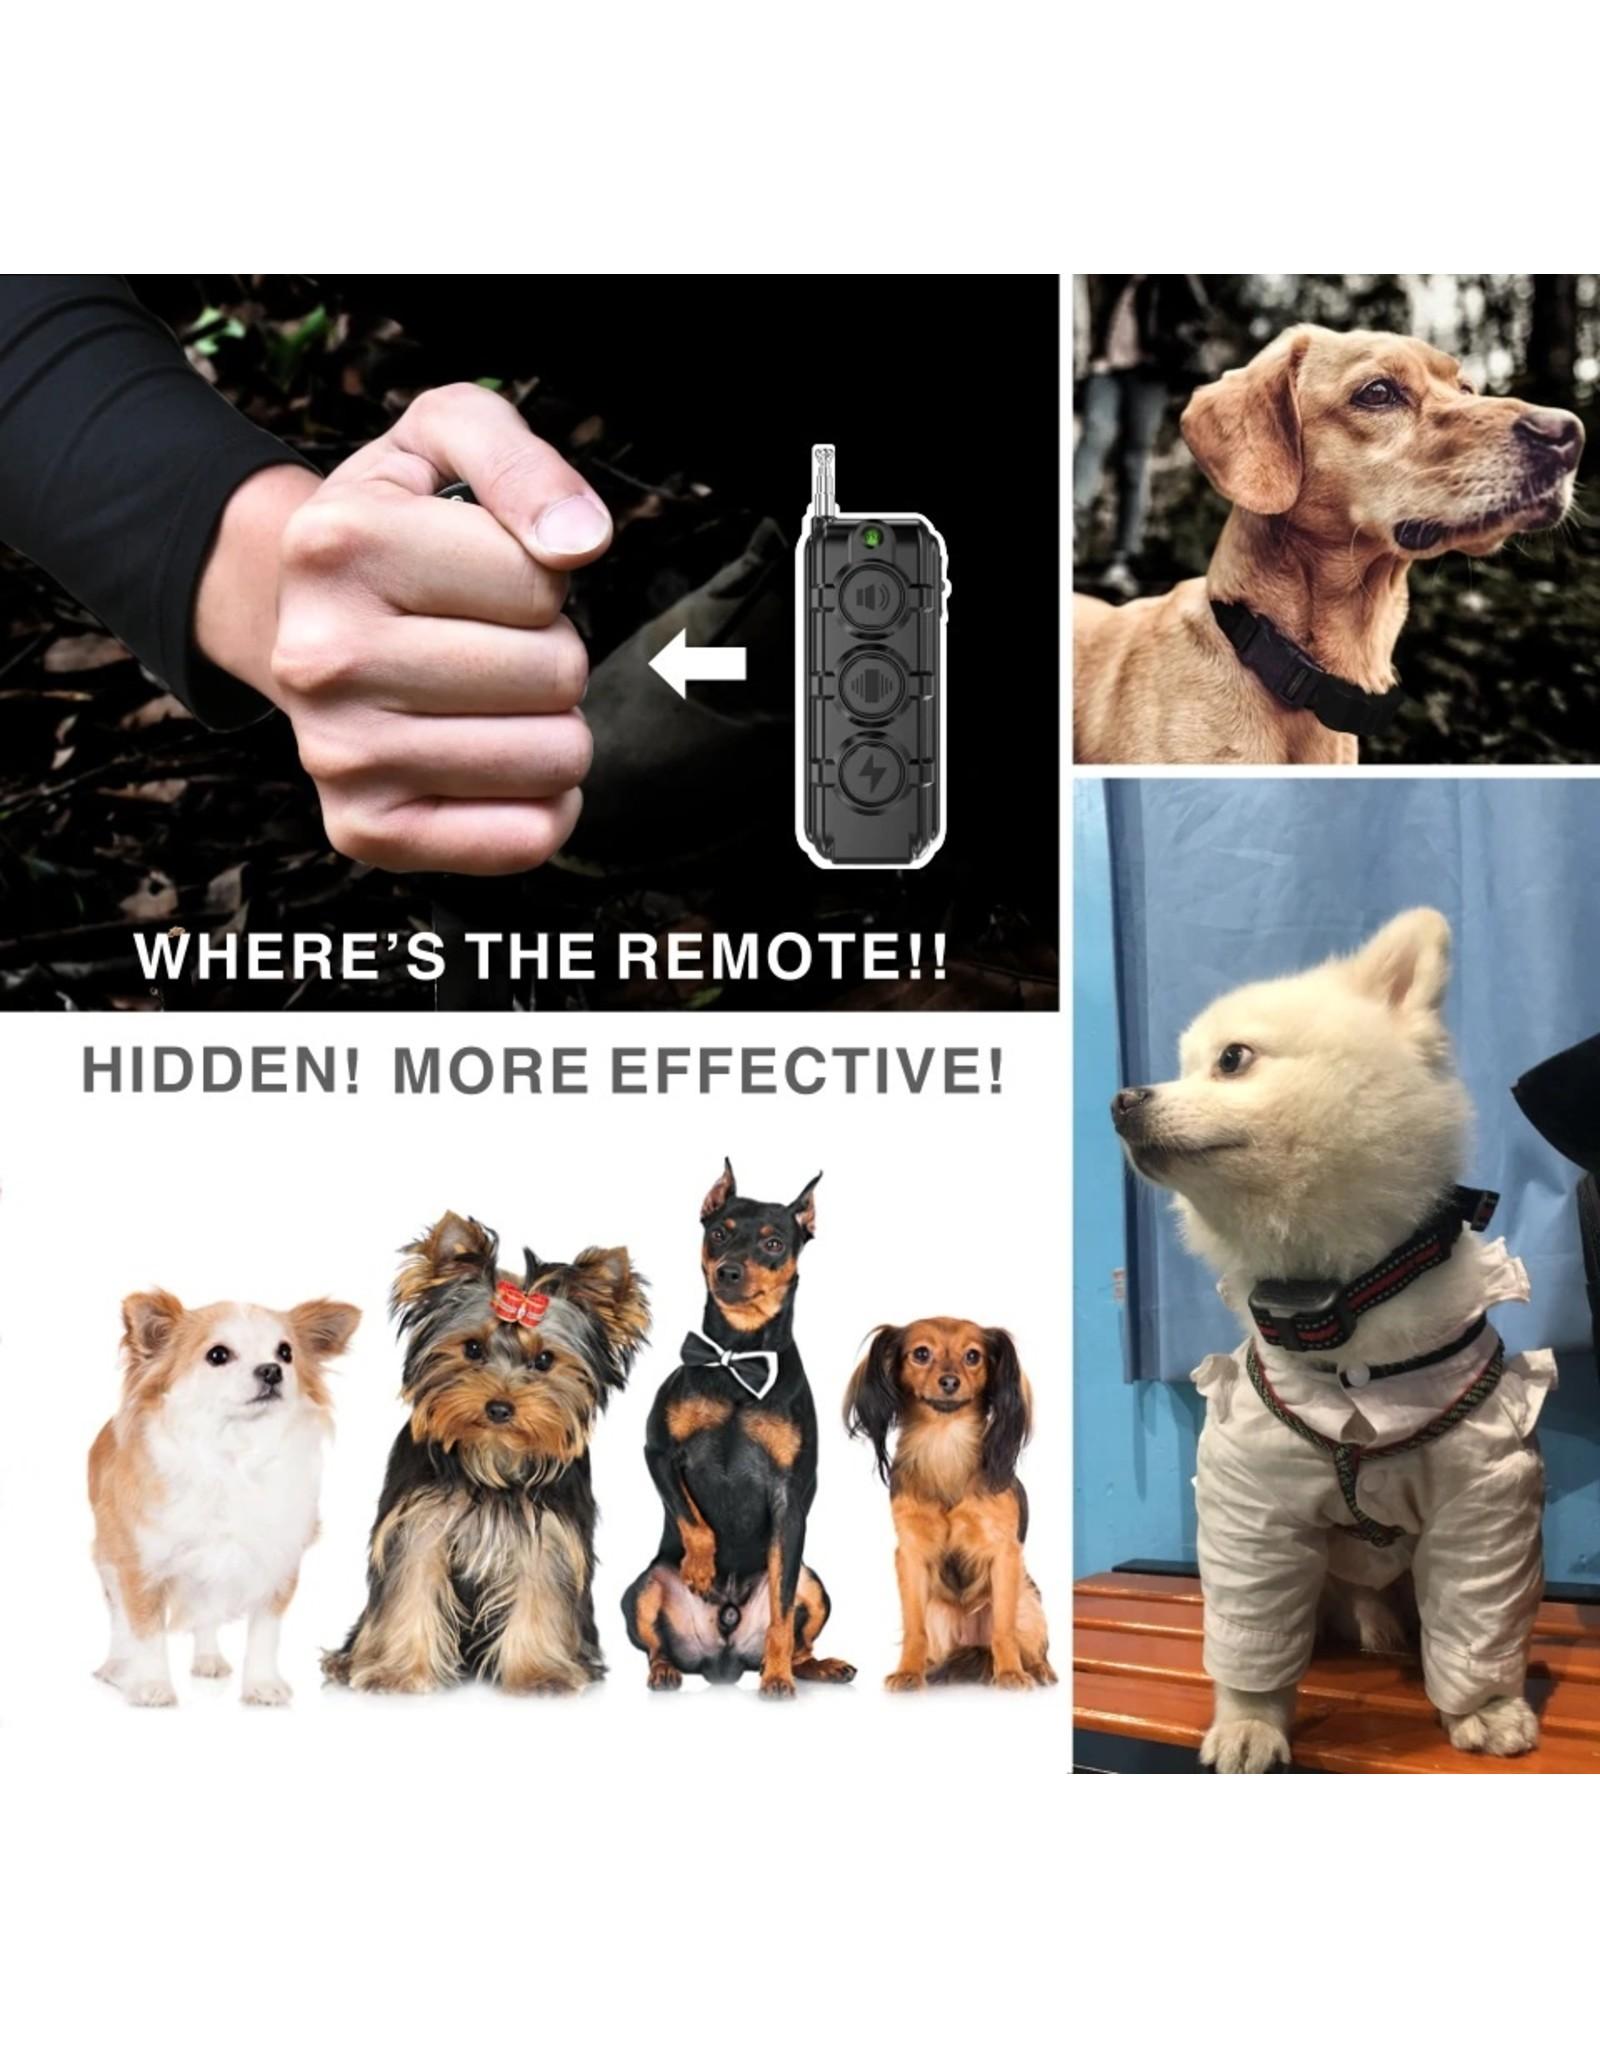 Merkloos Anti Blaf Hond Elektrische Halsband - Puppy Kleine Hond Opleiding Halsband – Oplaadbaar – Waterdichte - Afstandsbediening 400 M